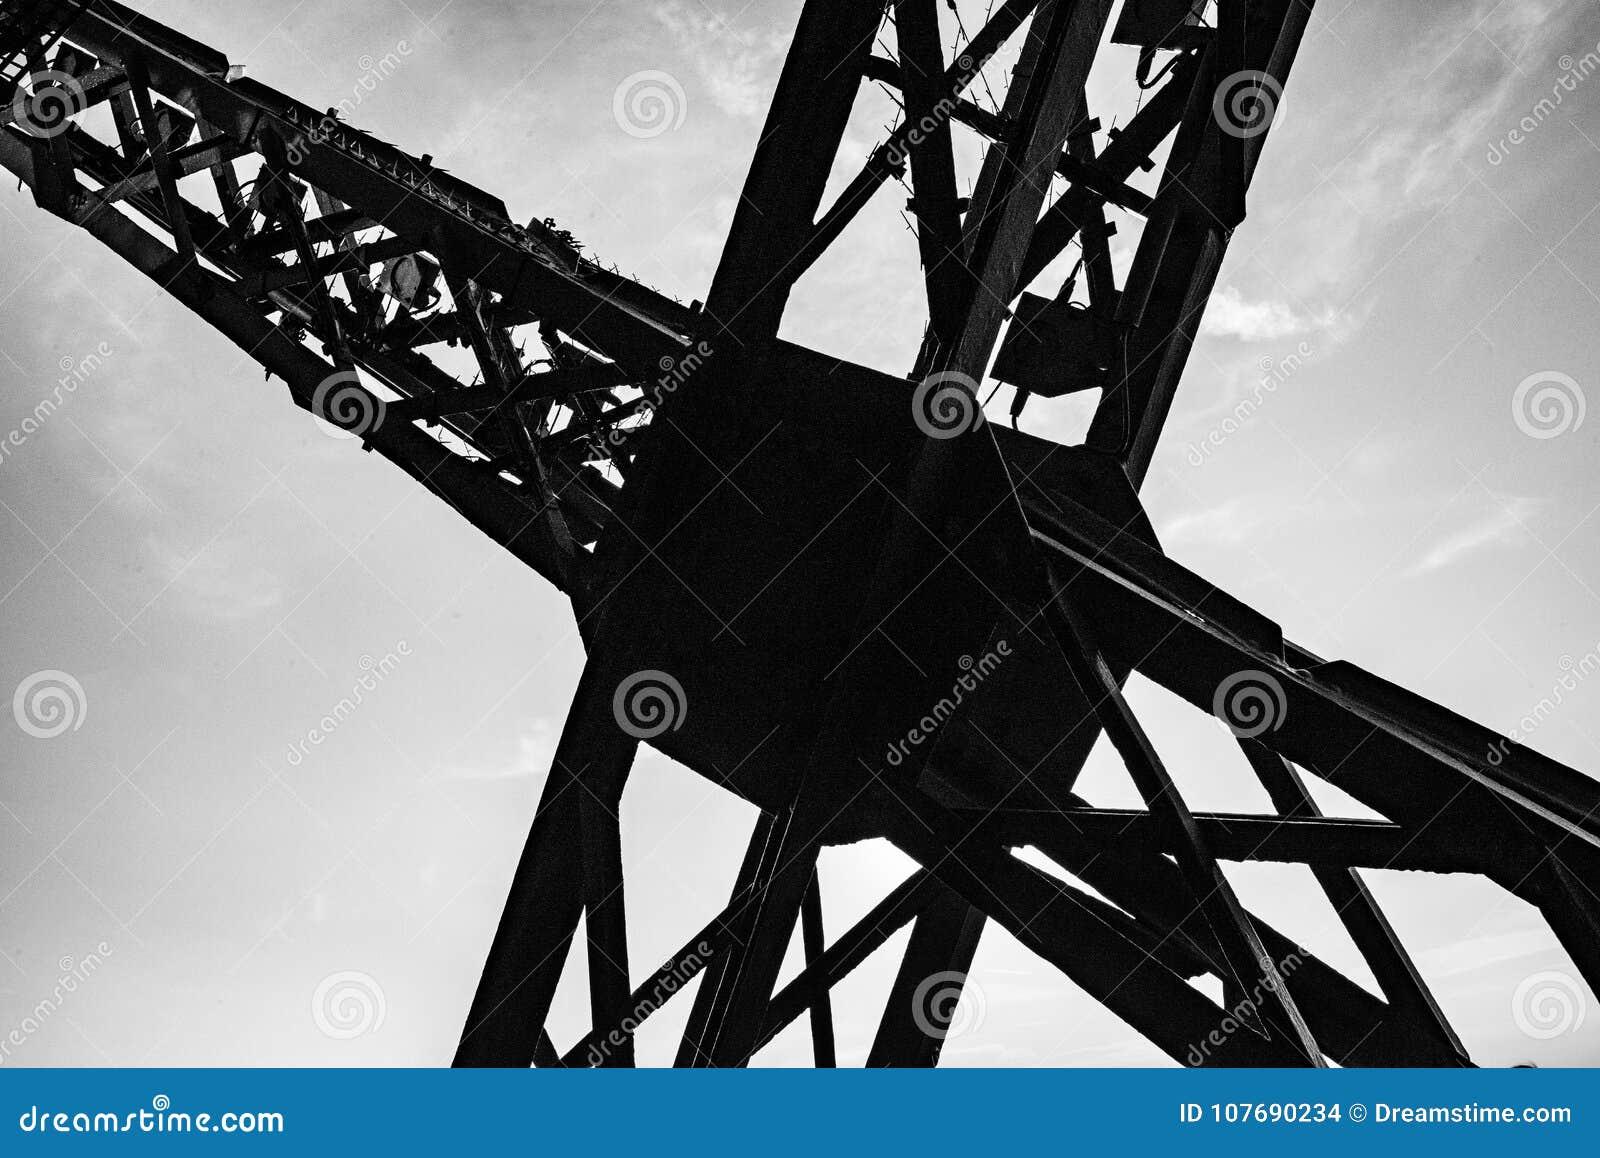 Wysokiego kontrasta fotografia reveiling metal struktury krzyż na wieży eifla